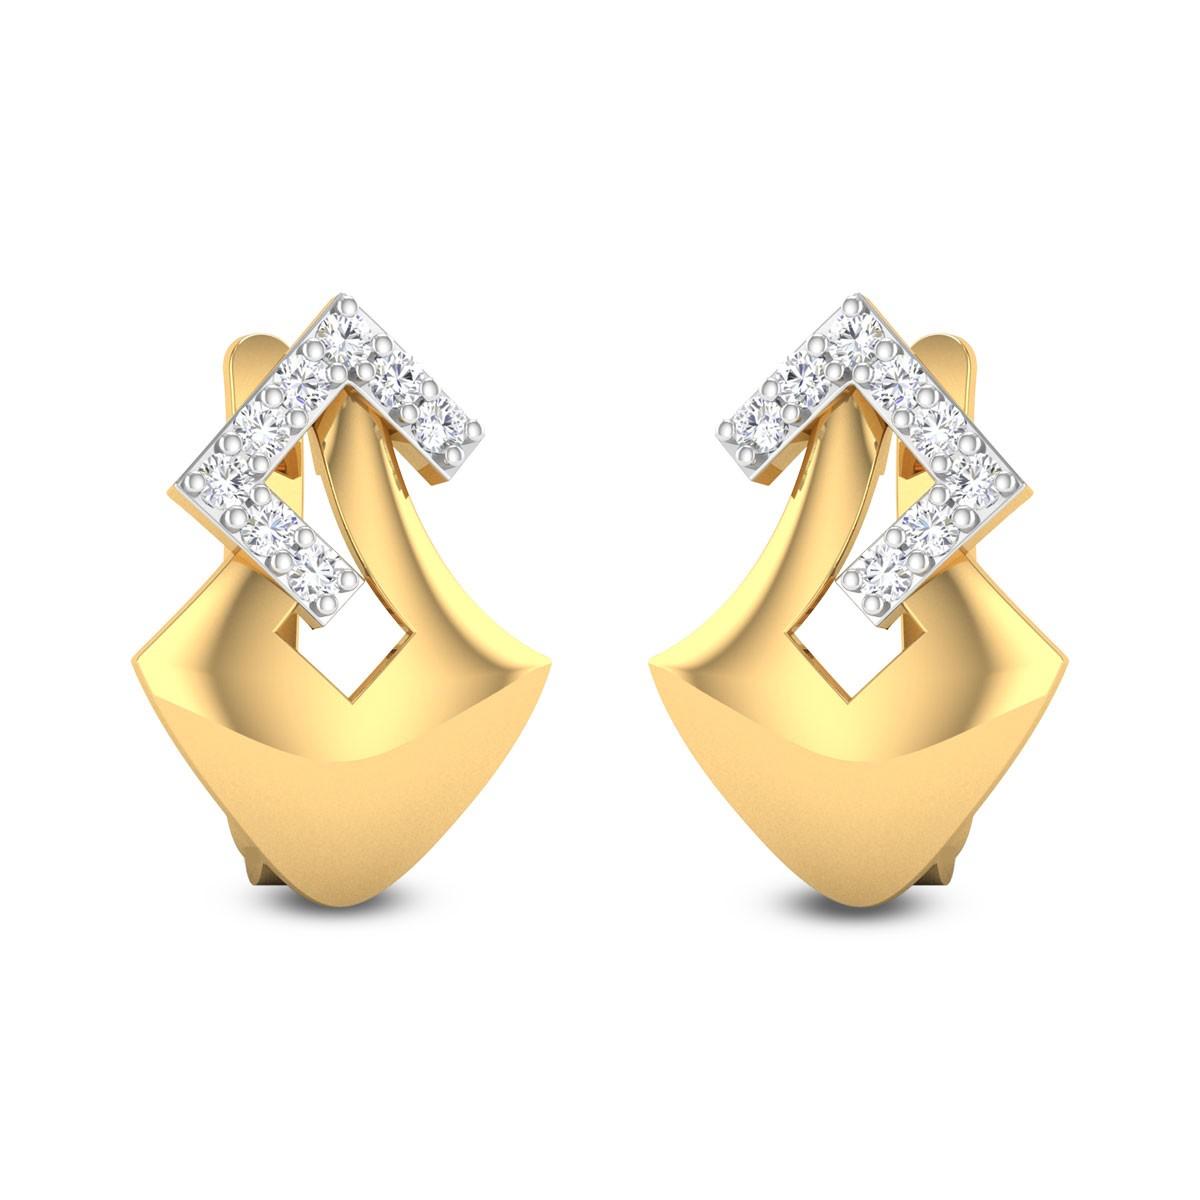 Sadhabuja Diamond Stud Earrings